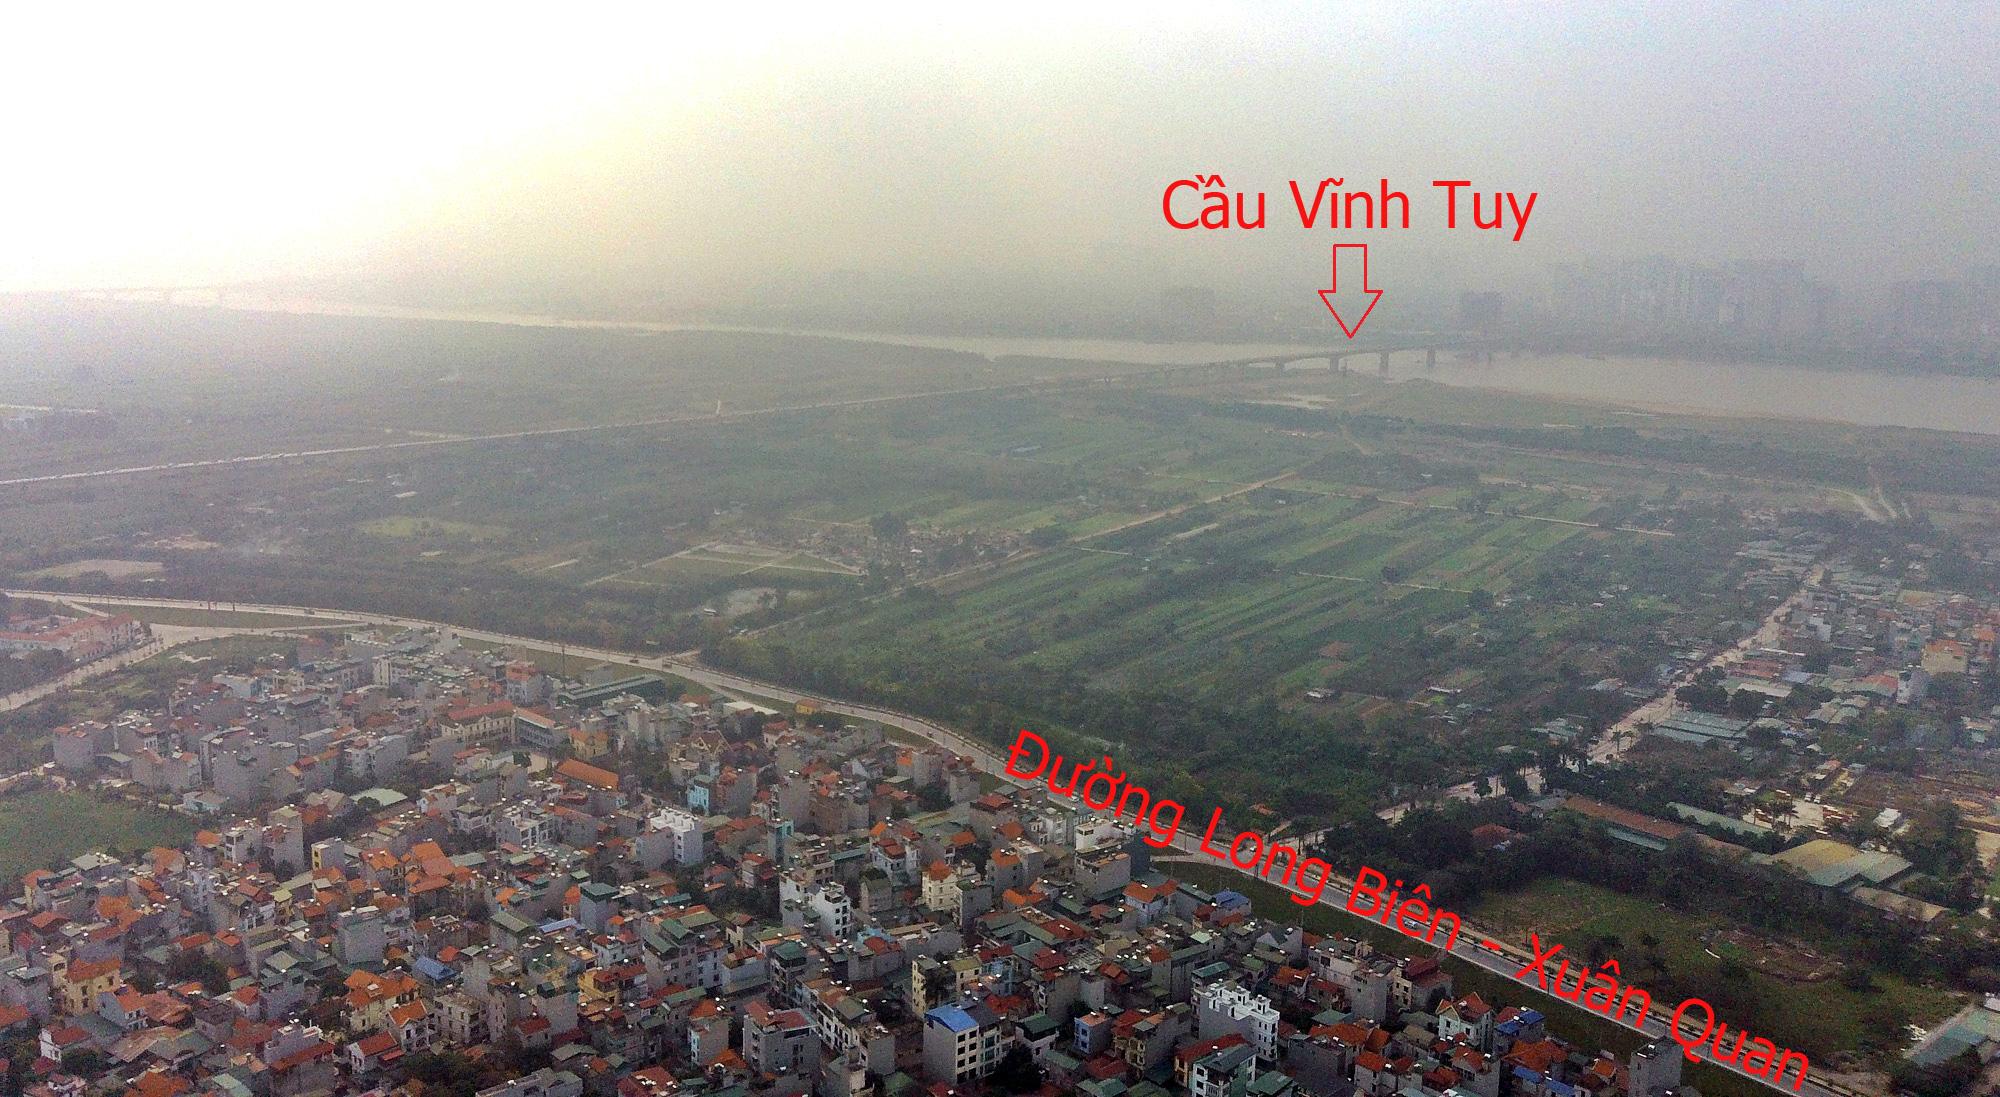 Cầu sẽ mở theo qui hoạch ở Hà Nội: Toàn cảnh cầu/hầm Trần Hưng Đạo nối quận Hoàn Kiếm - Long Biên - Ảnh 6.